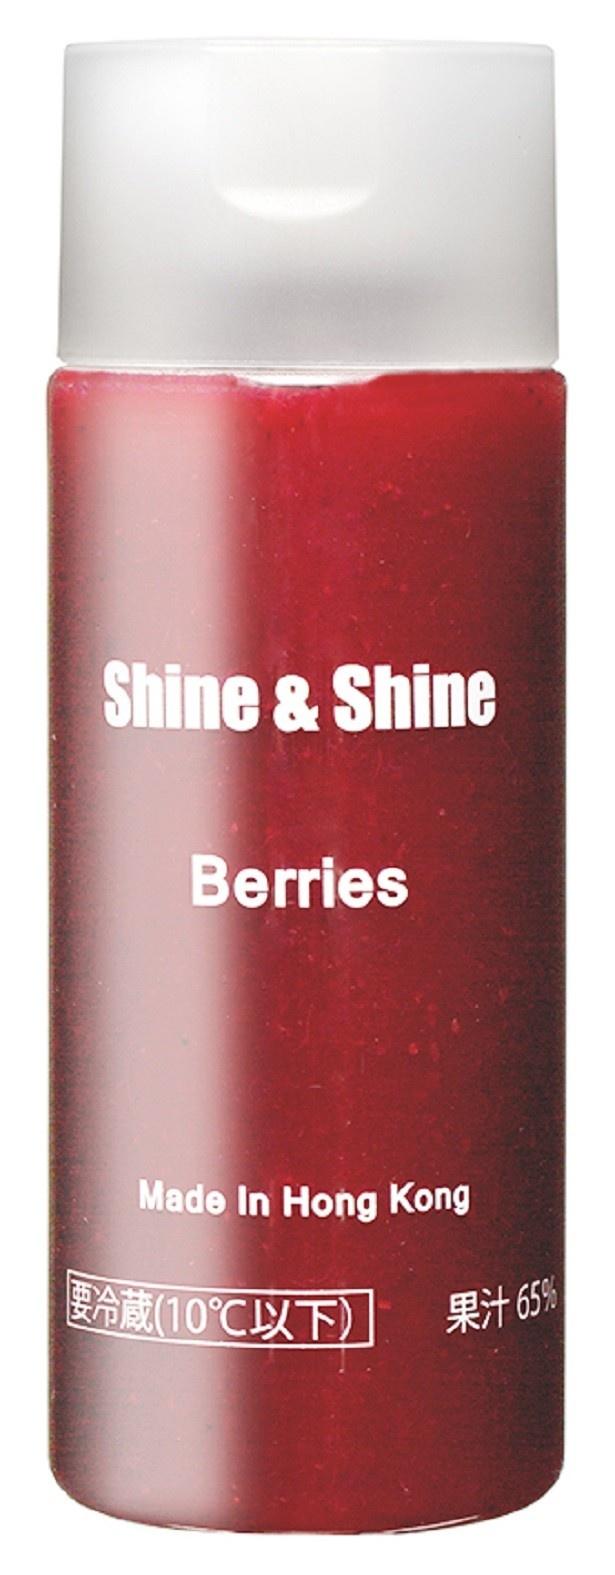 ストロベリーとブルーベリーをそのまま搾ってブレンドし、ほどよい甘さと酸味がある「Berries」(398円)